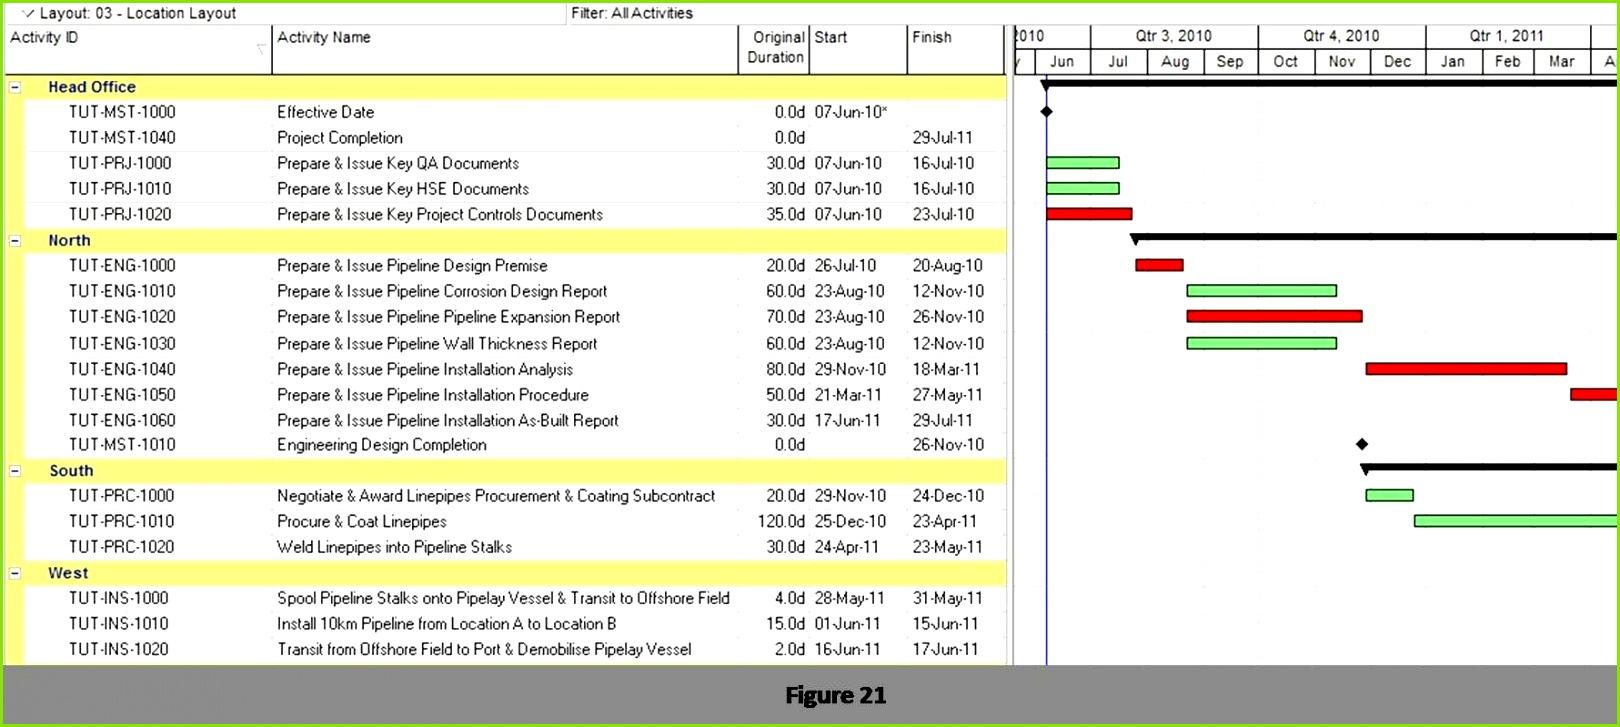 Rechnung Erstellen Vorlage Kostenlos Editierbar Private Rechnung Vorlage Vorlage Rechnung Unique Frisches Rechnung